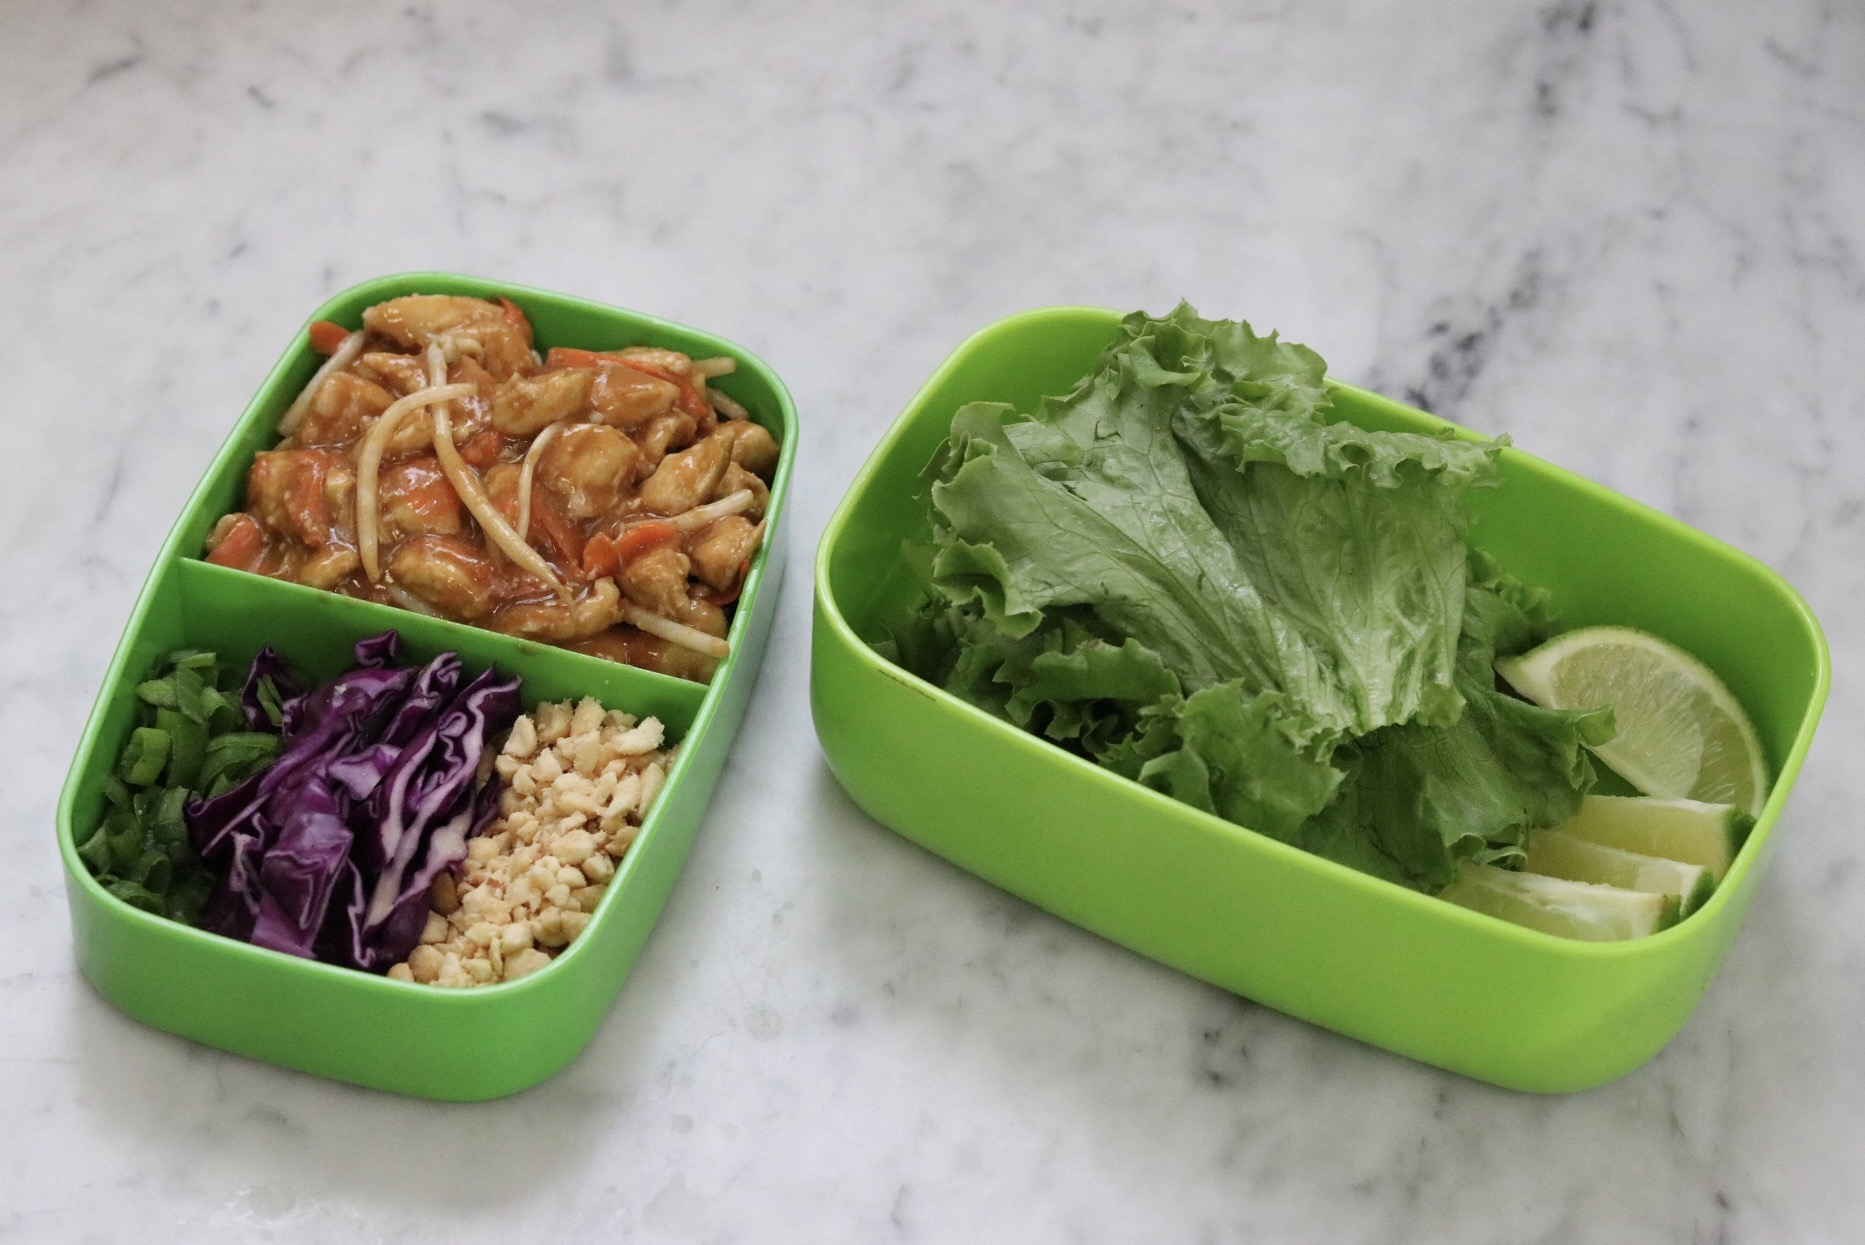 Thai Lettuce Wrap Bento Box